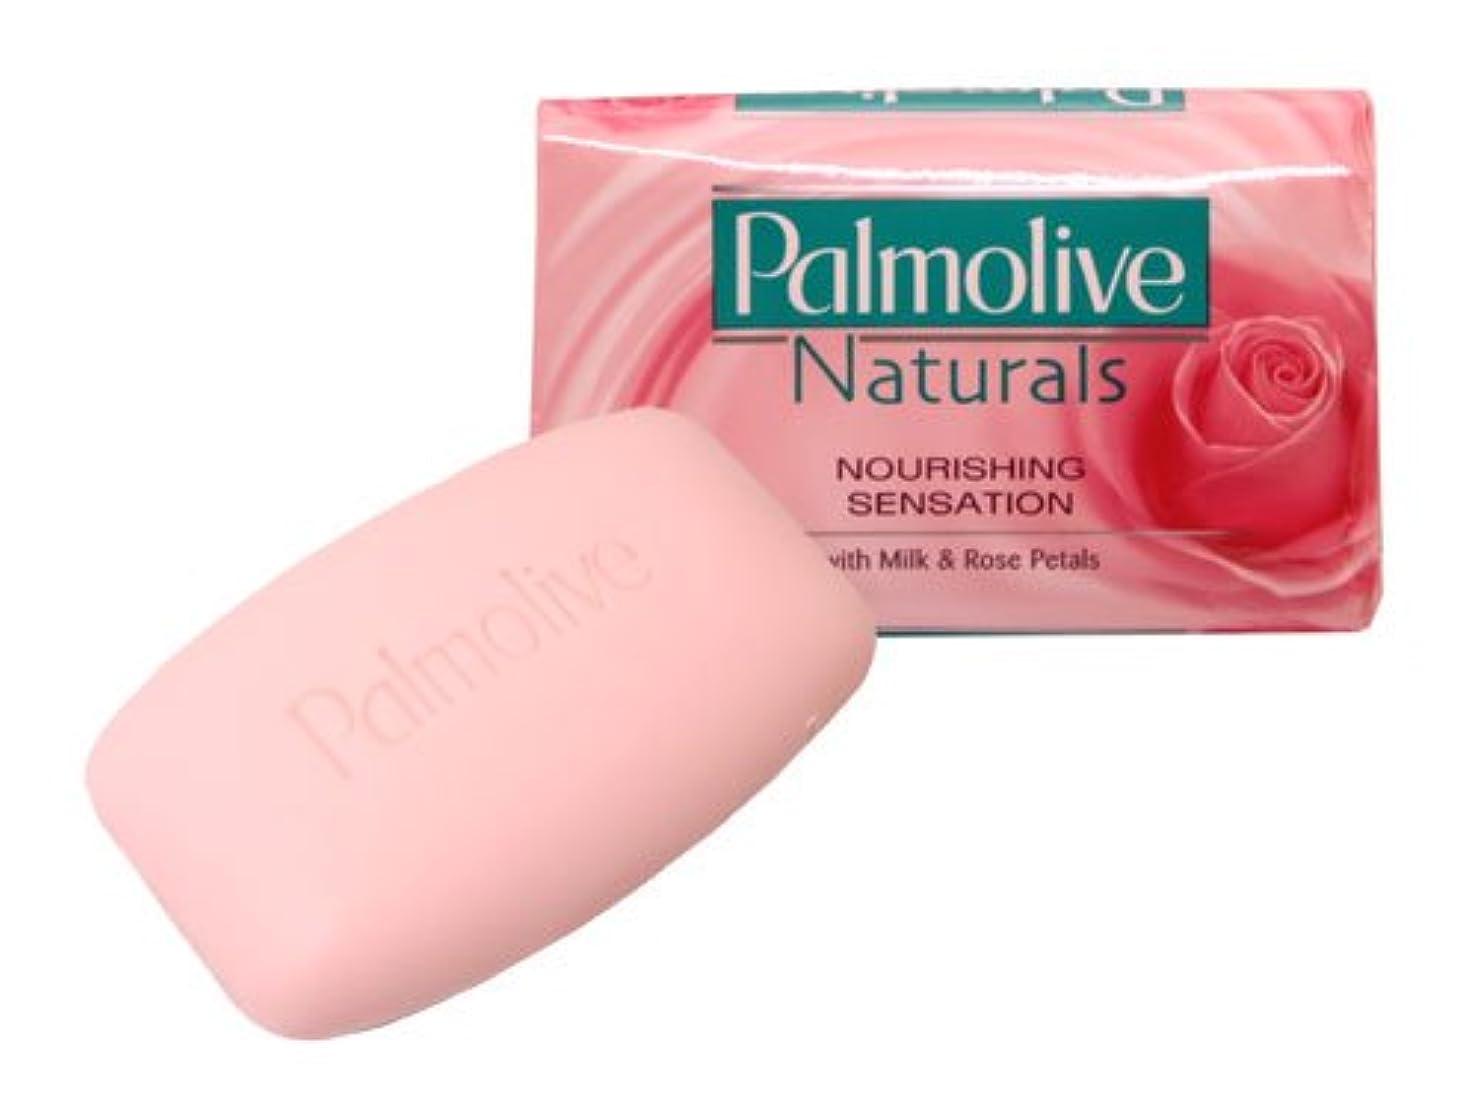 カップモード蒸留【Palmolive】パルモリーブ ナチュラルズ石鹸3個パック(ミルク&ローズ)